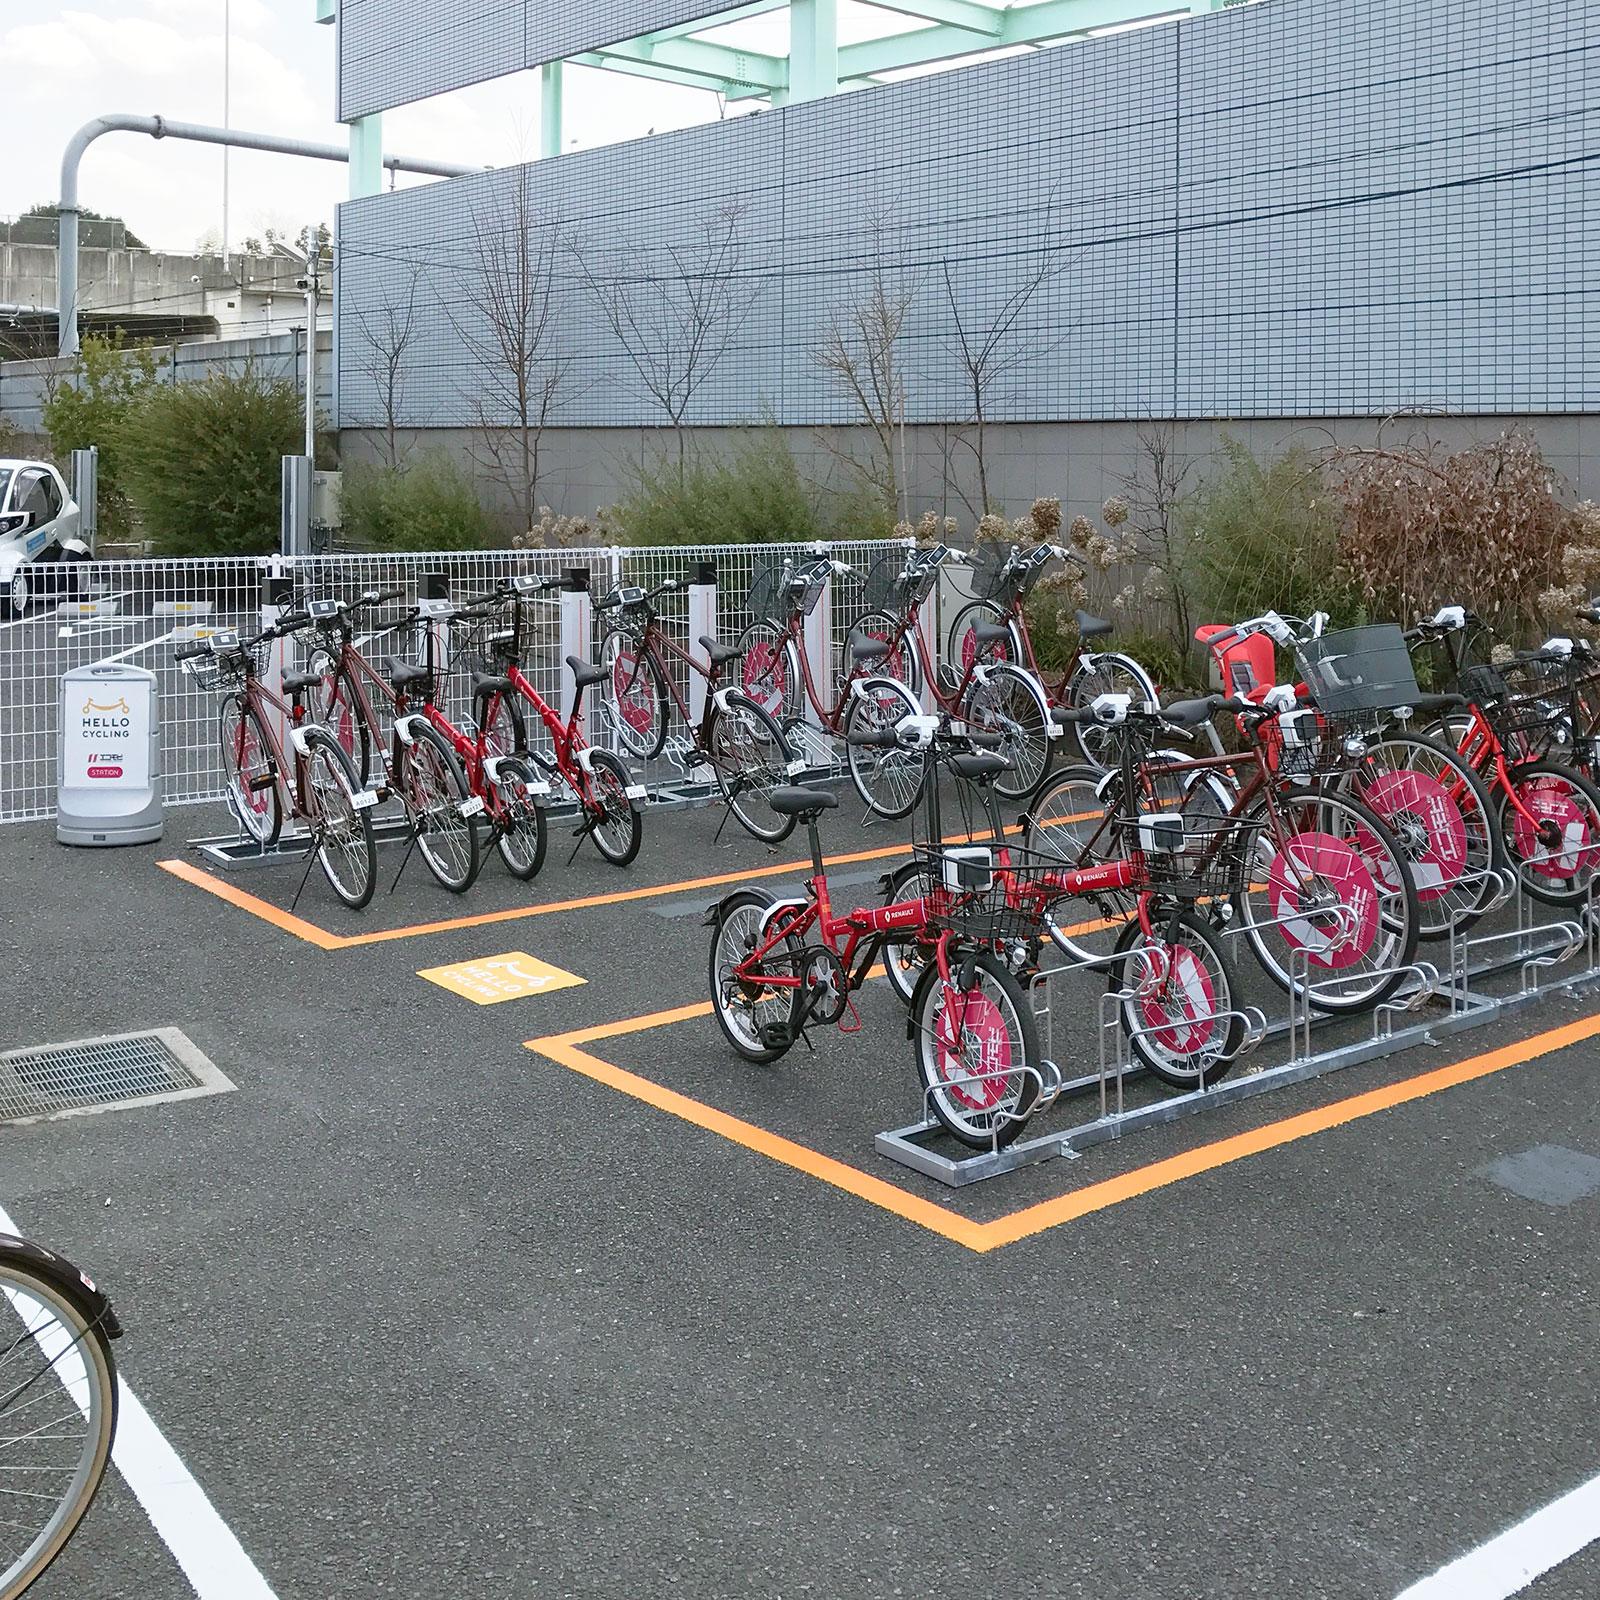 浦和美園駅東口(みそのモビリティポート内) (HELLO CYCLING ポート) image